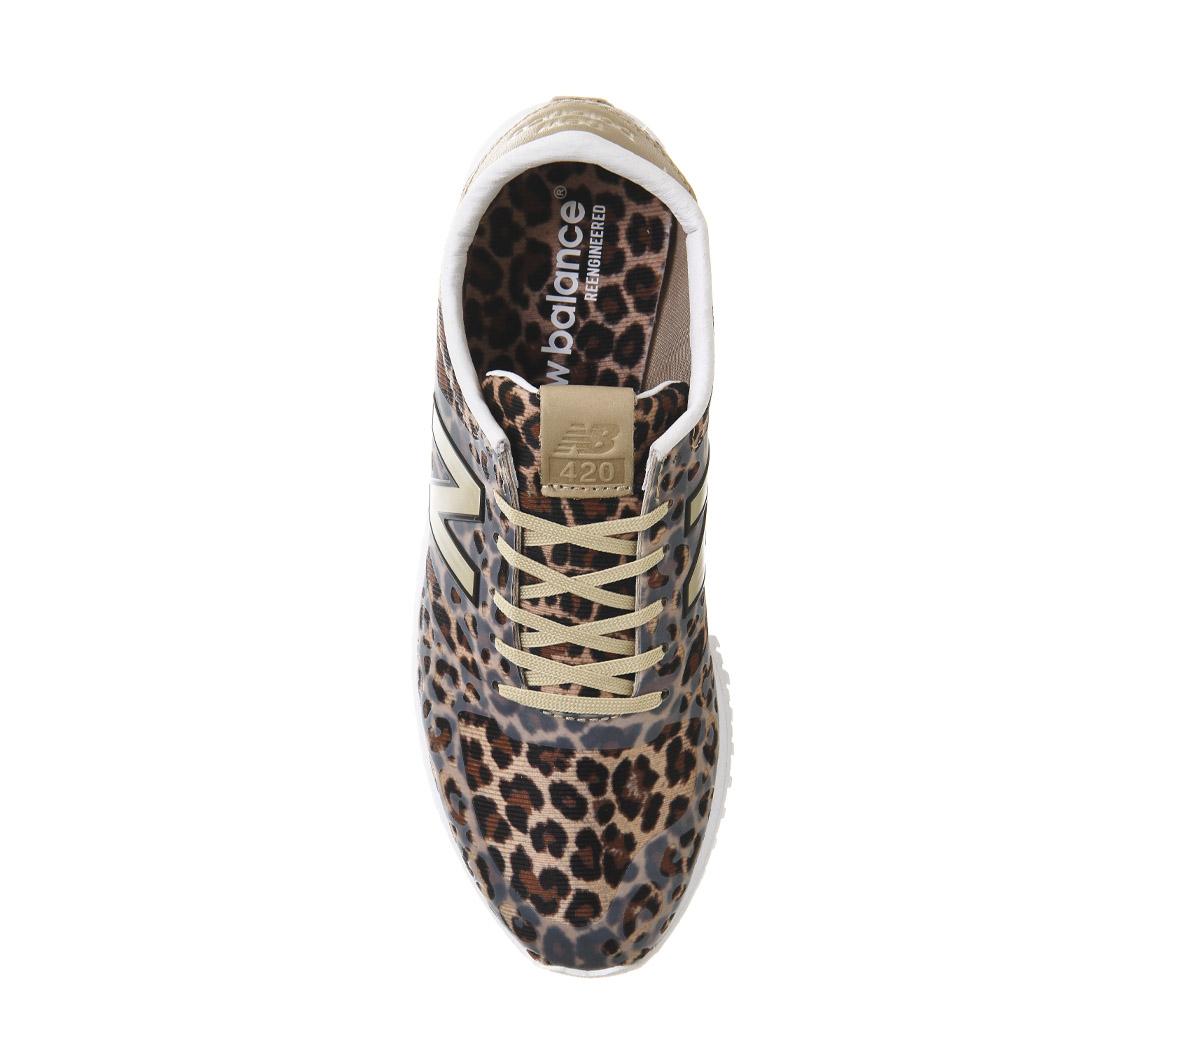 5ca2bceafd39 Women's New Balance 420 Women's Leopard .